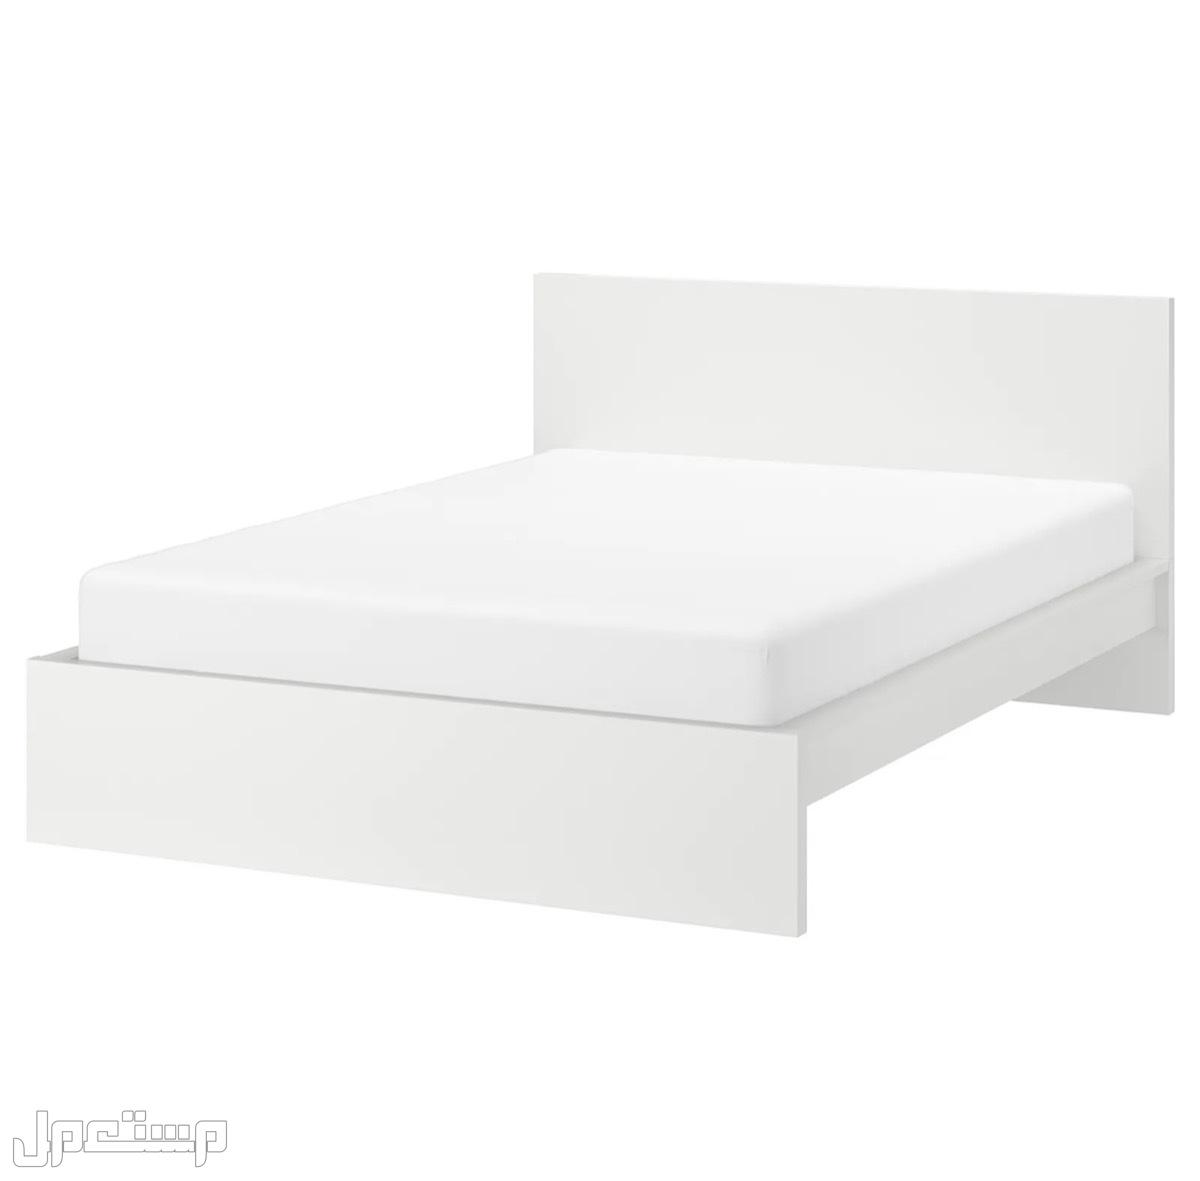 سرير ومرتبة سرير ومرتبه .